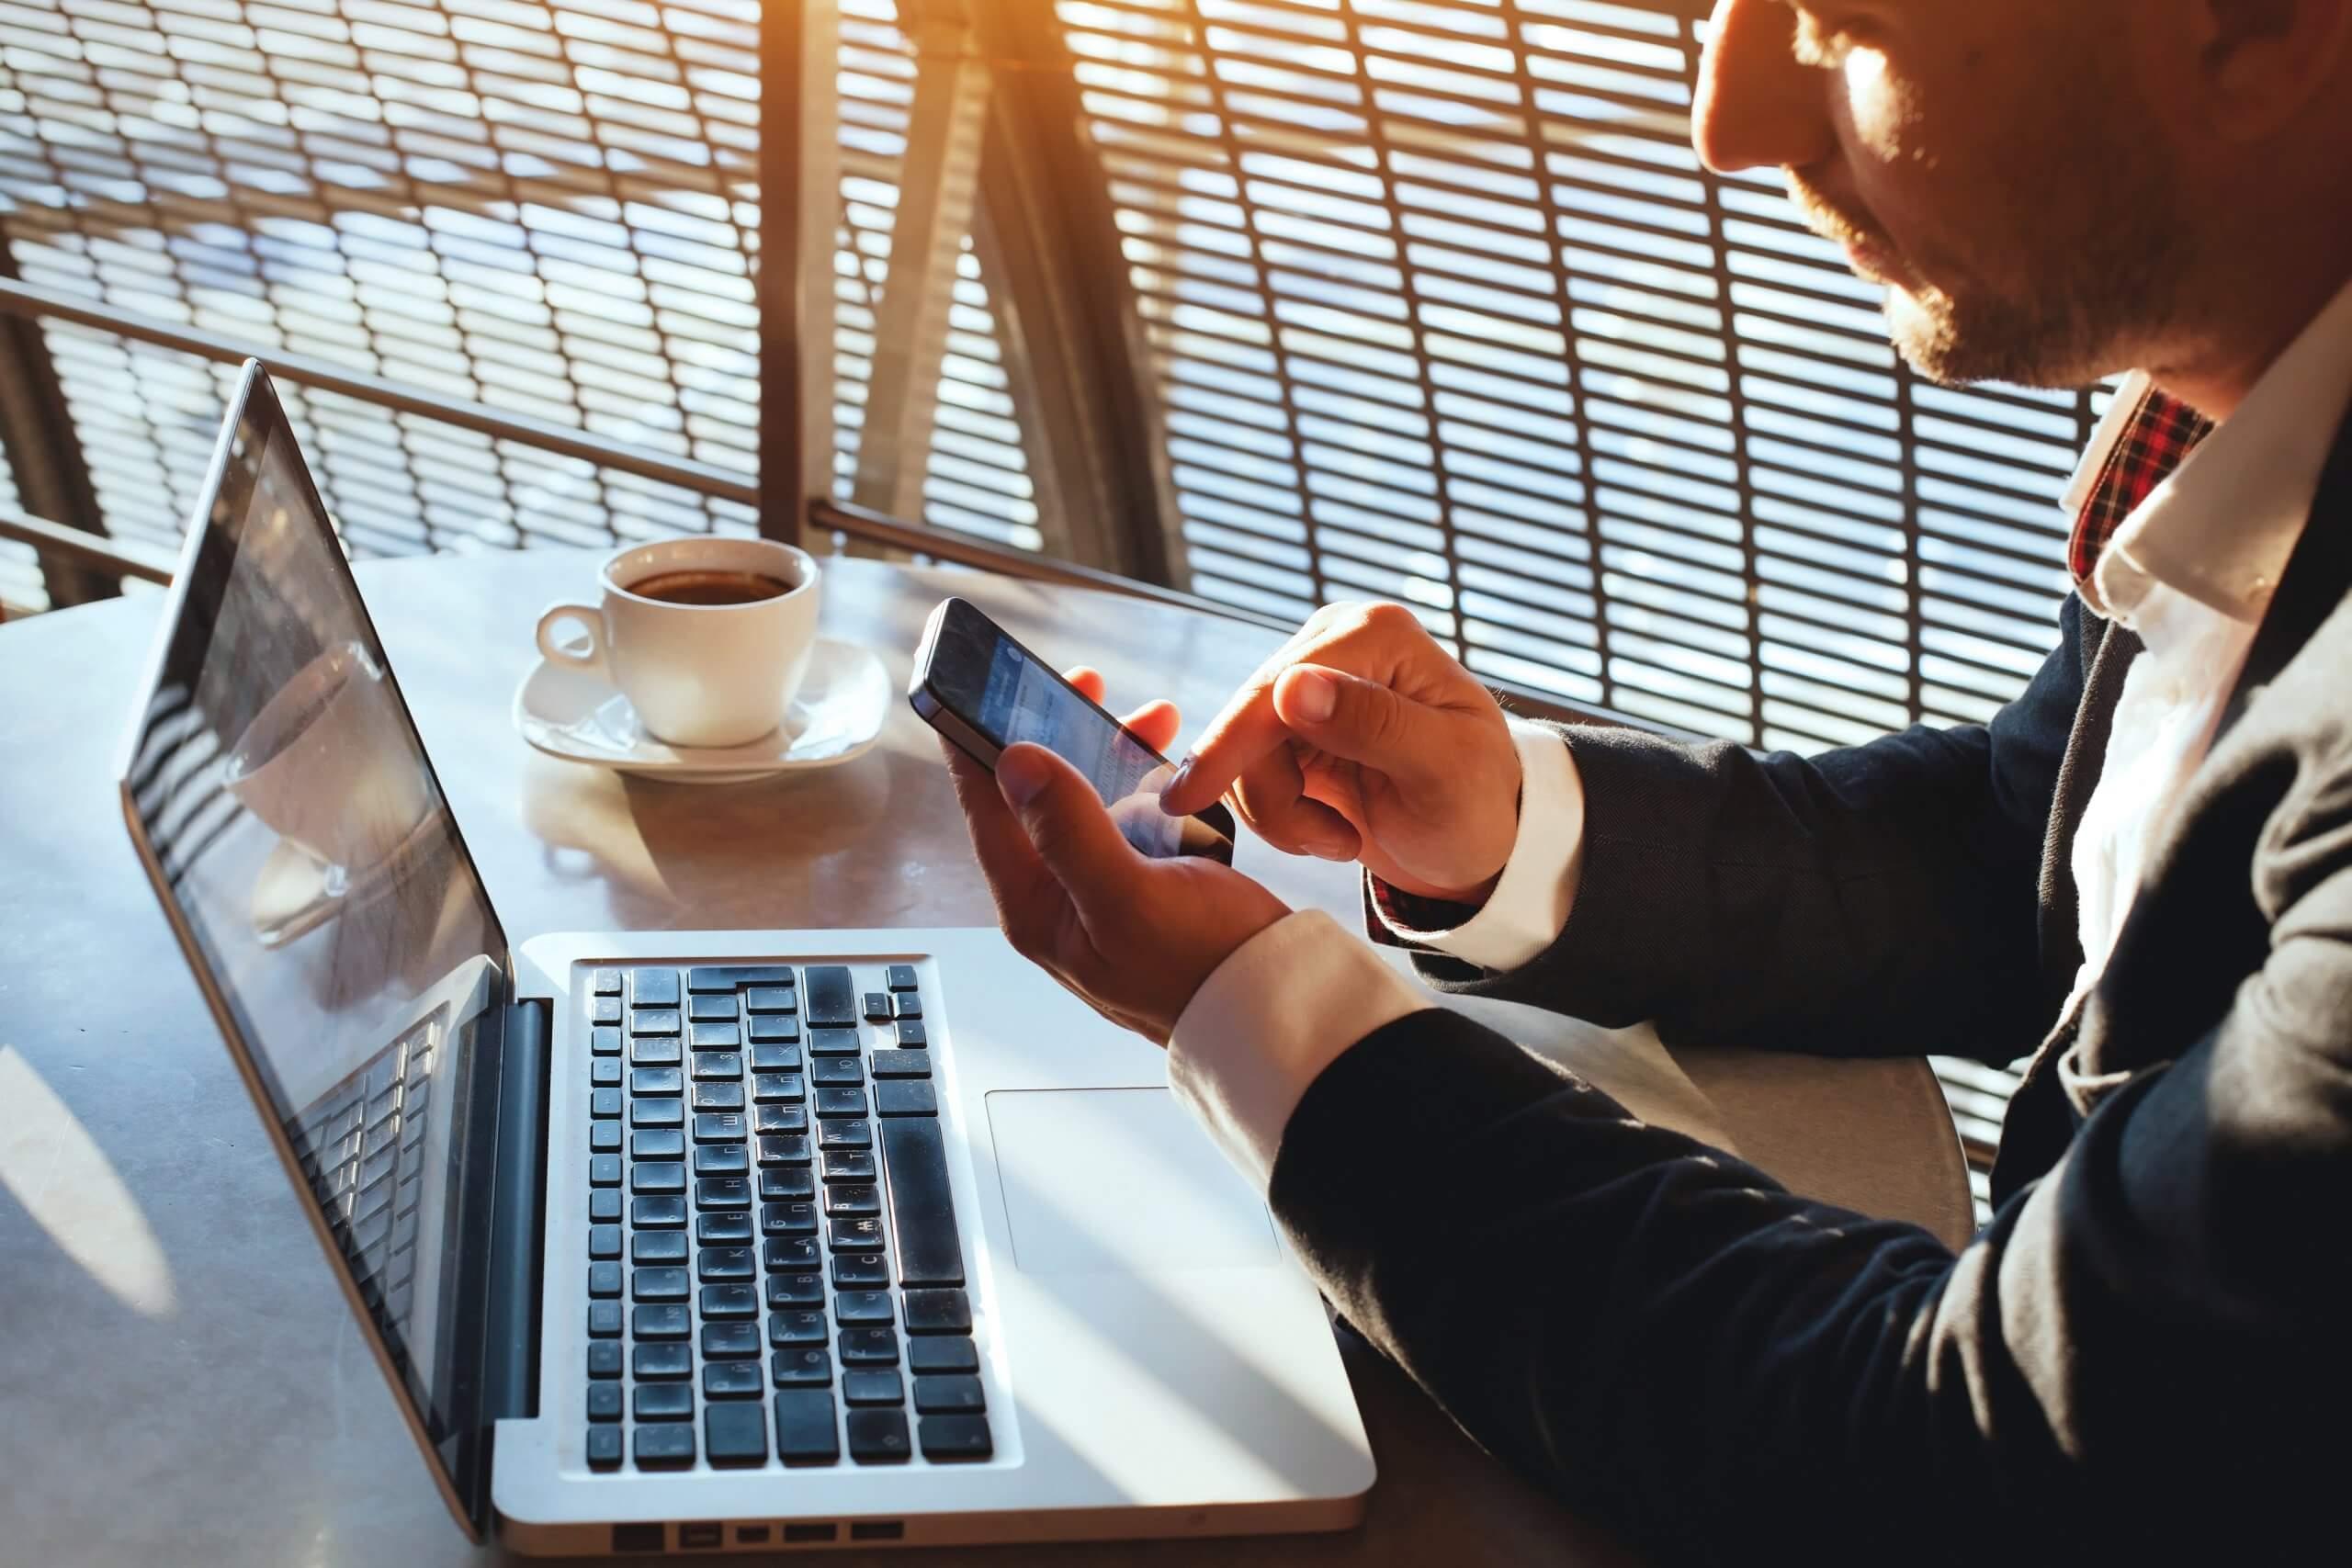 Fluxul de SMS-uri – Folosește-l inteligent și crește-ți numărul de abonați